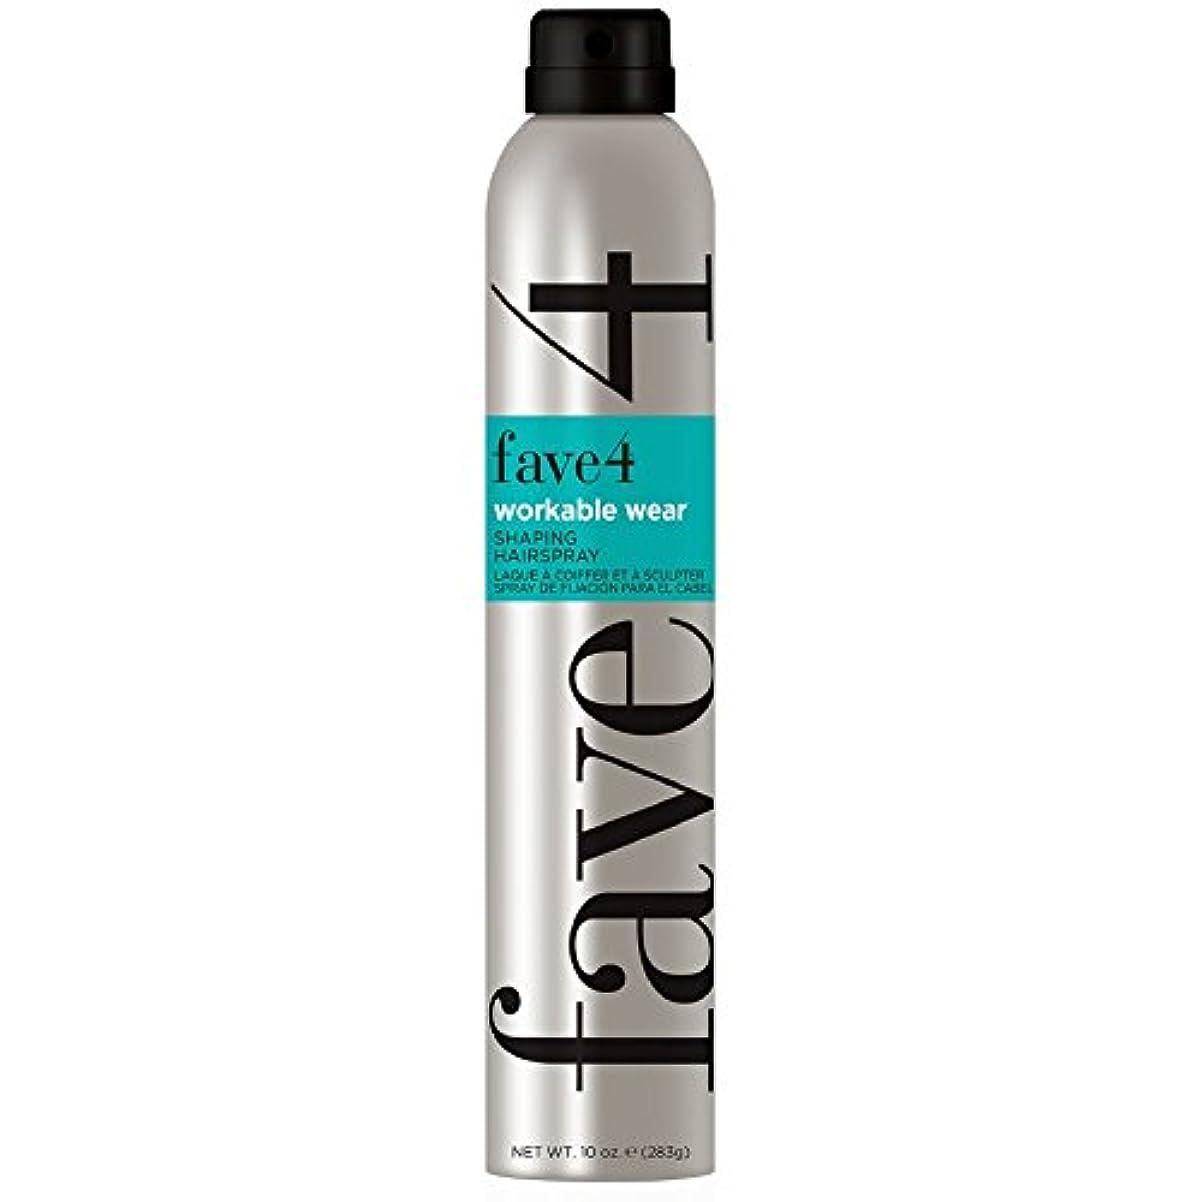 人類金銭的モッキンバードfave4 実用服シェーピングヘアスプレー - 硫酸無料 パラベンフリー グルテンフリー 虐待無料 色処理した毛髪、10オンスのための安全な 10オンス